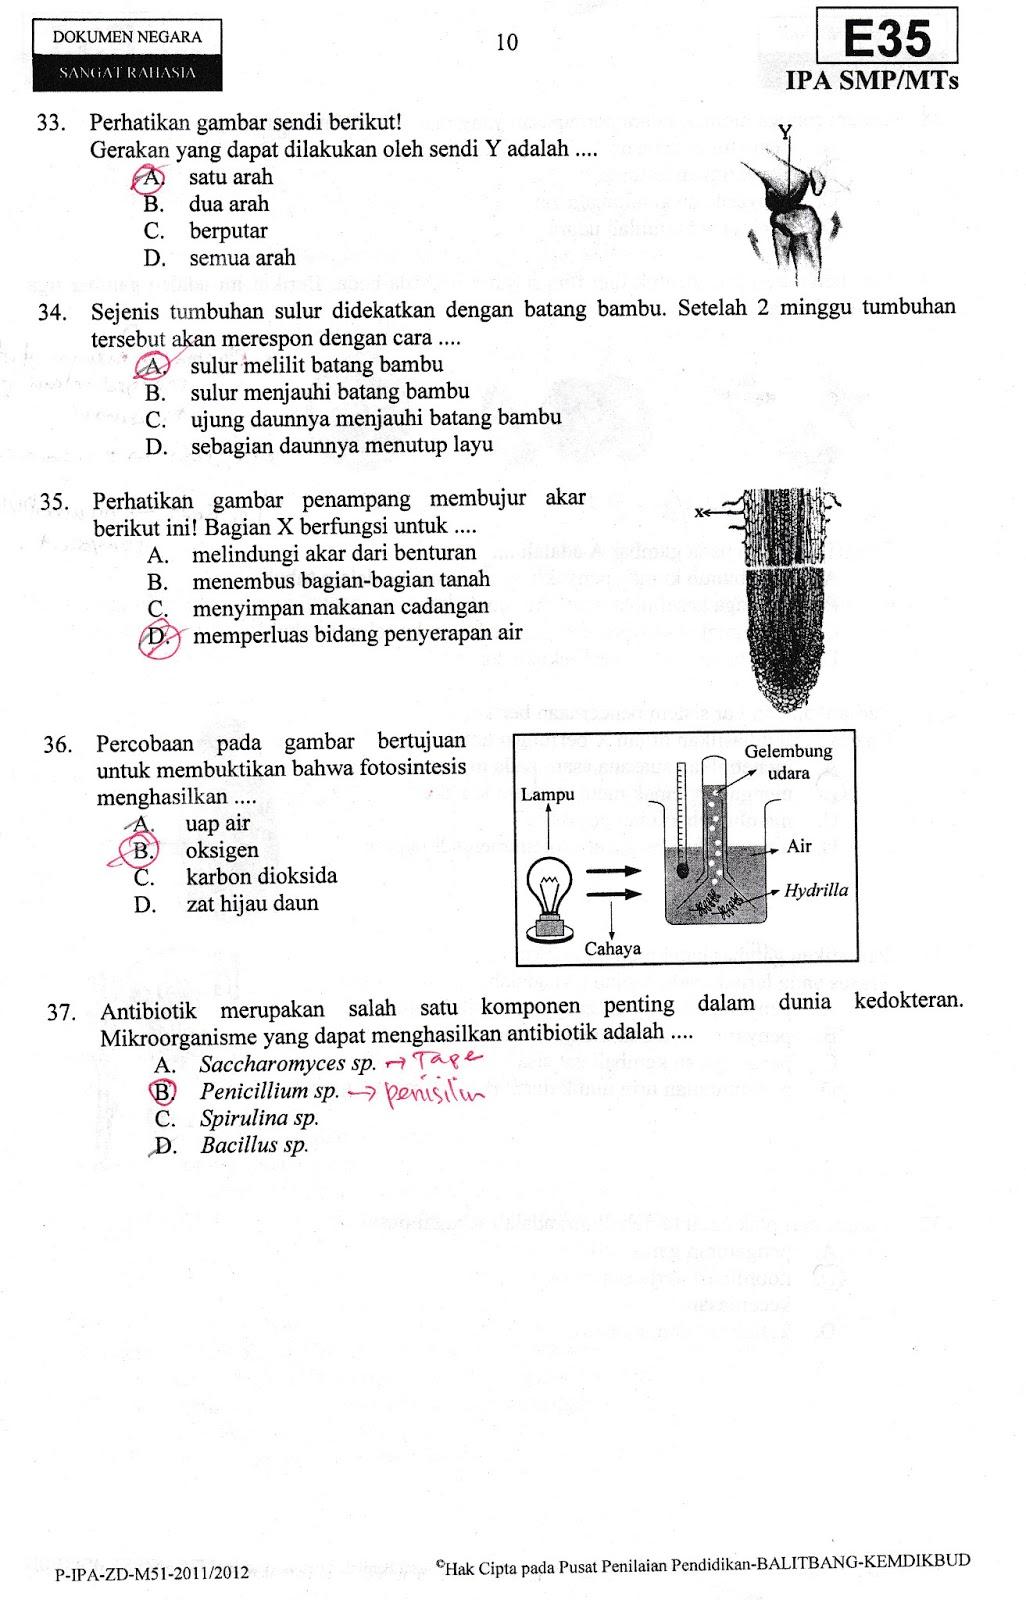 Bank soal un ipa smp - Untuk Melihat Dalam Versi Pdf Klik Link Berikut Download Soal Un Dan Pembahasan Ipa Smp 2012